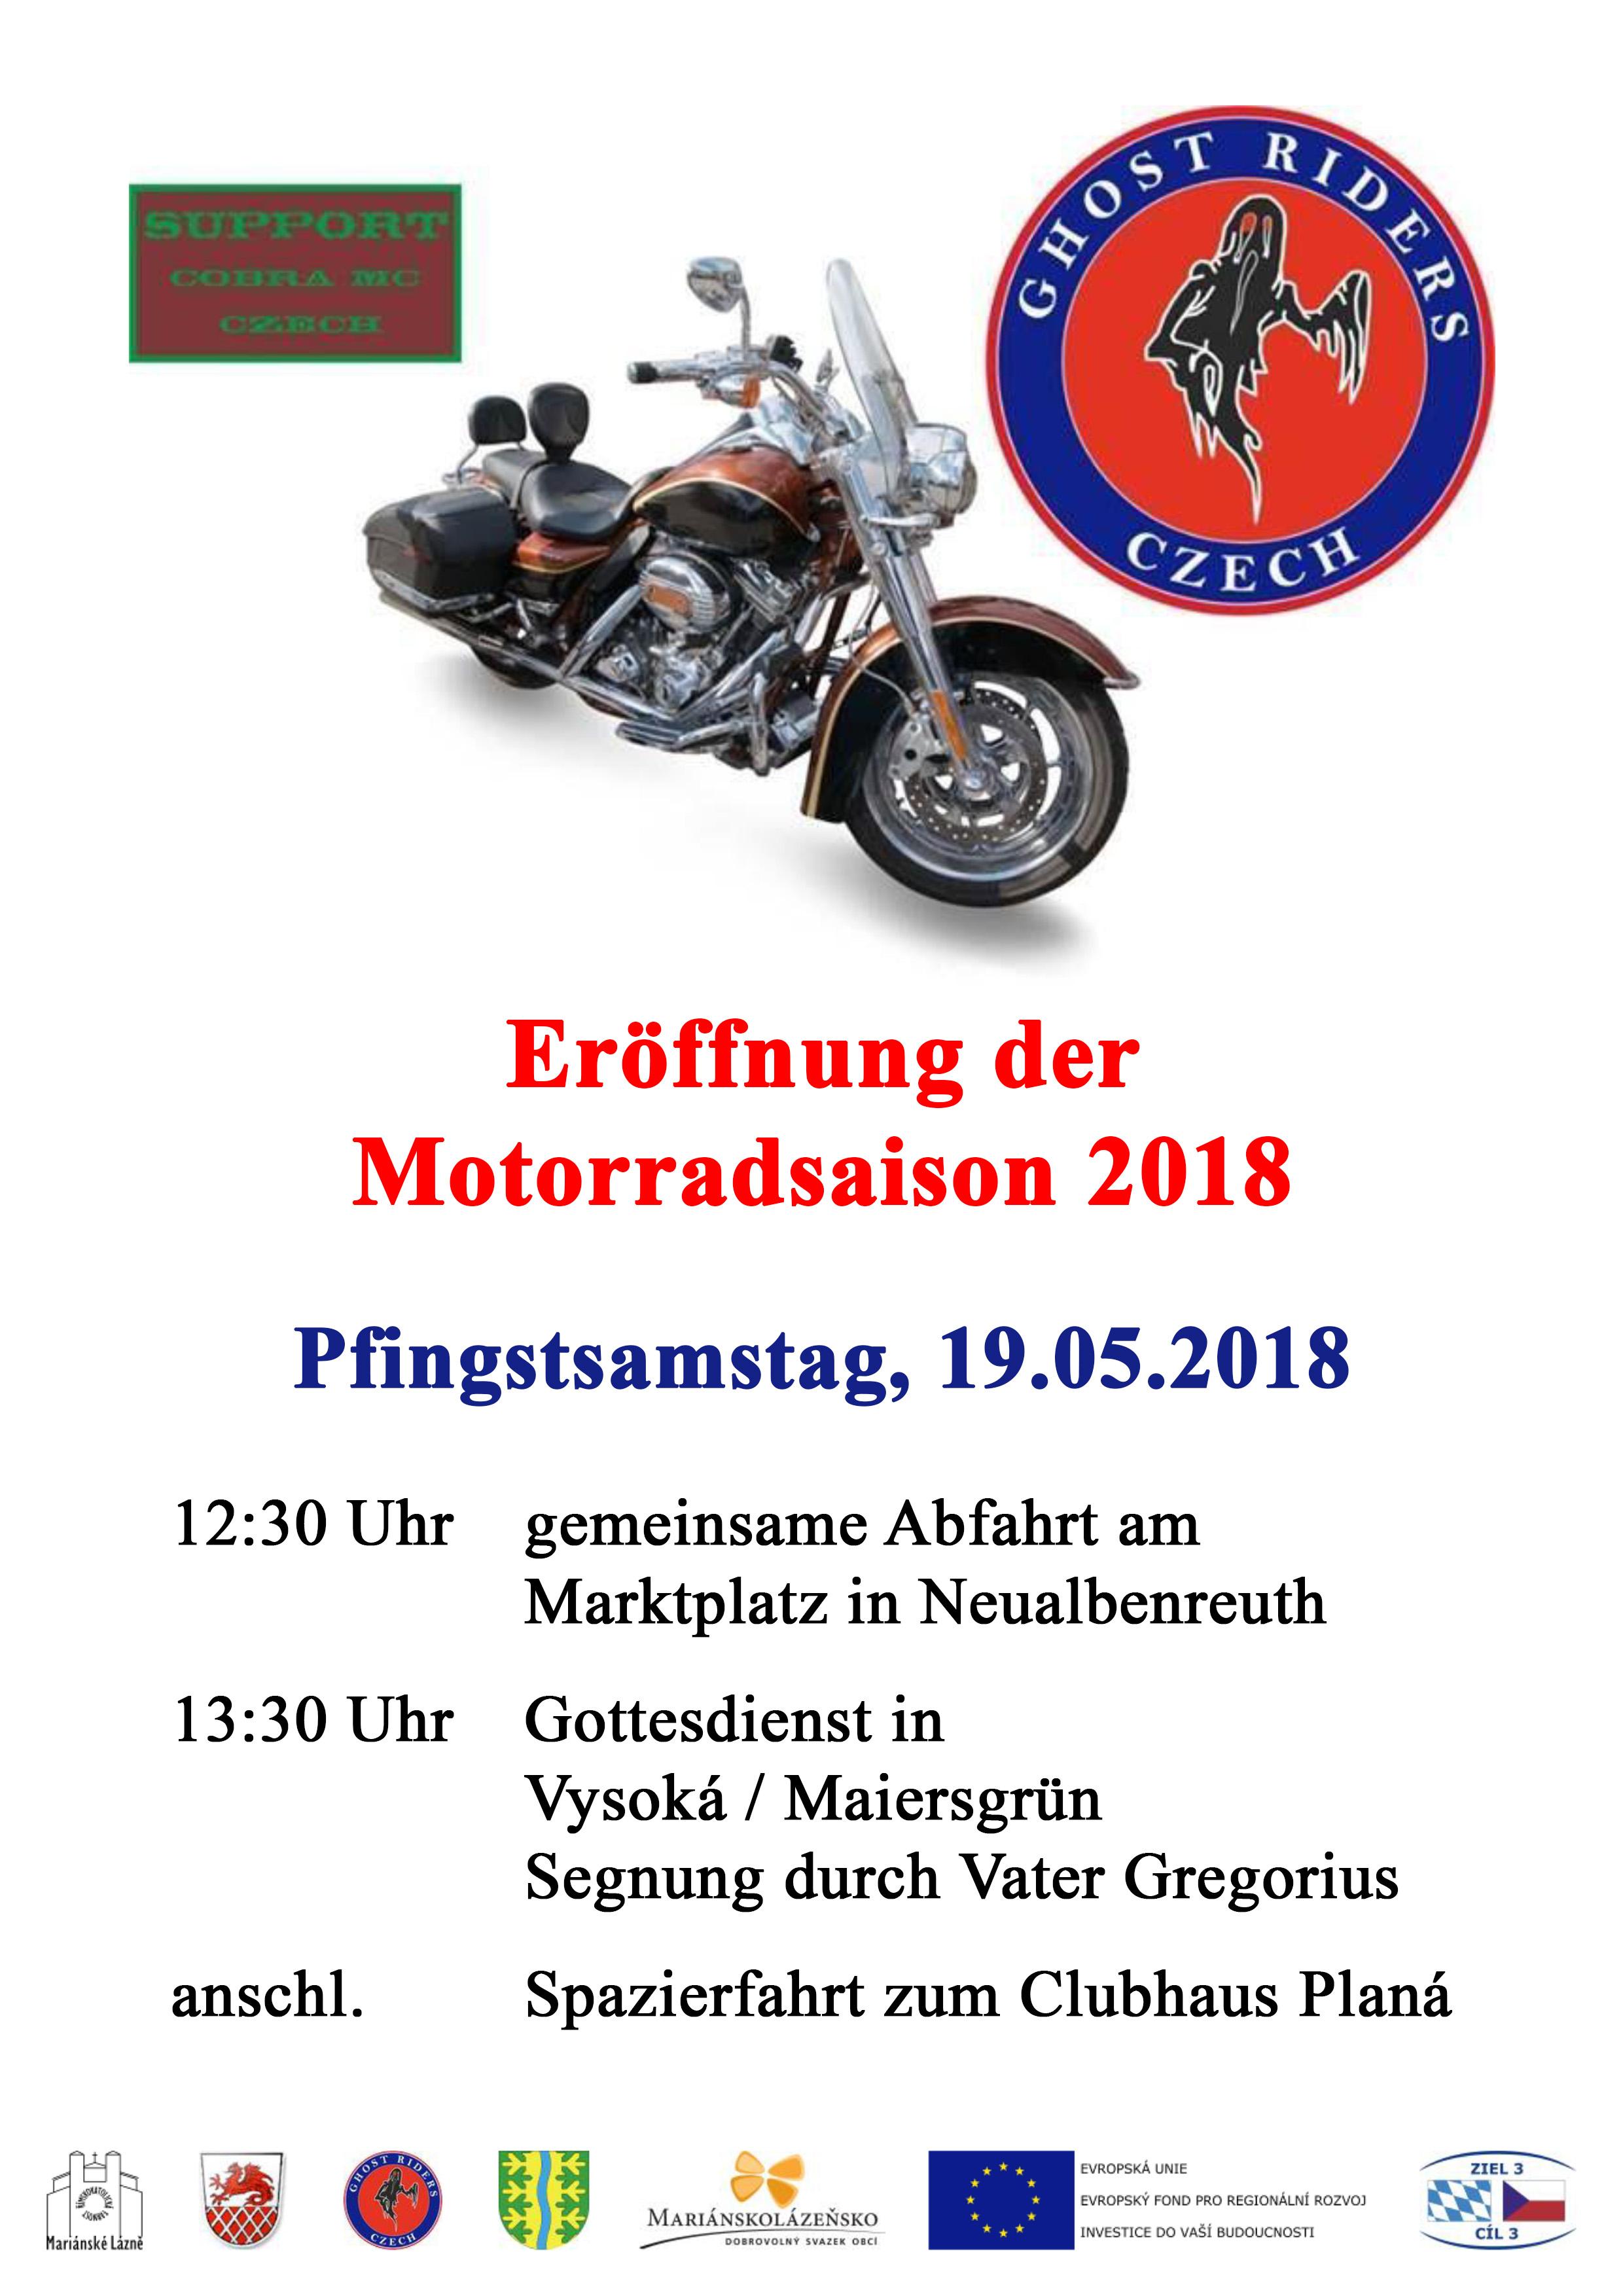 Motorradsaison 2018